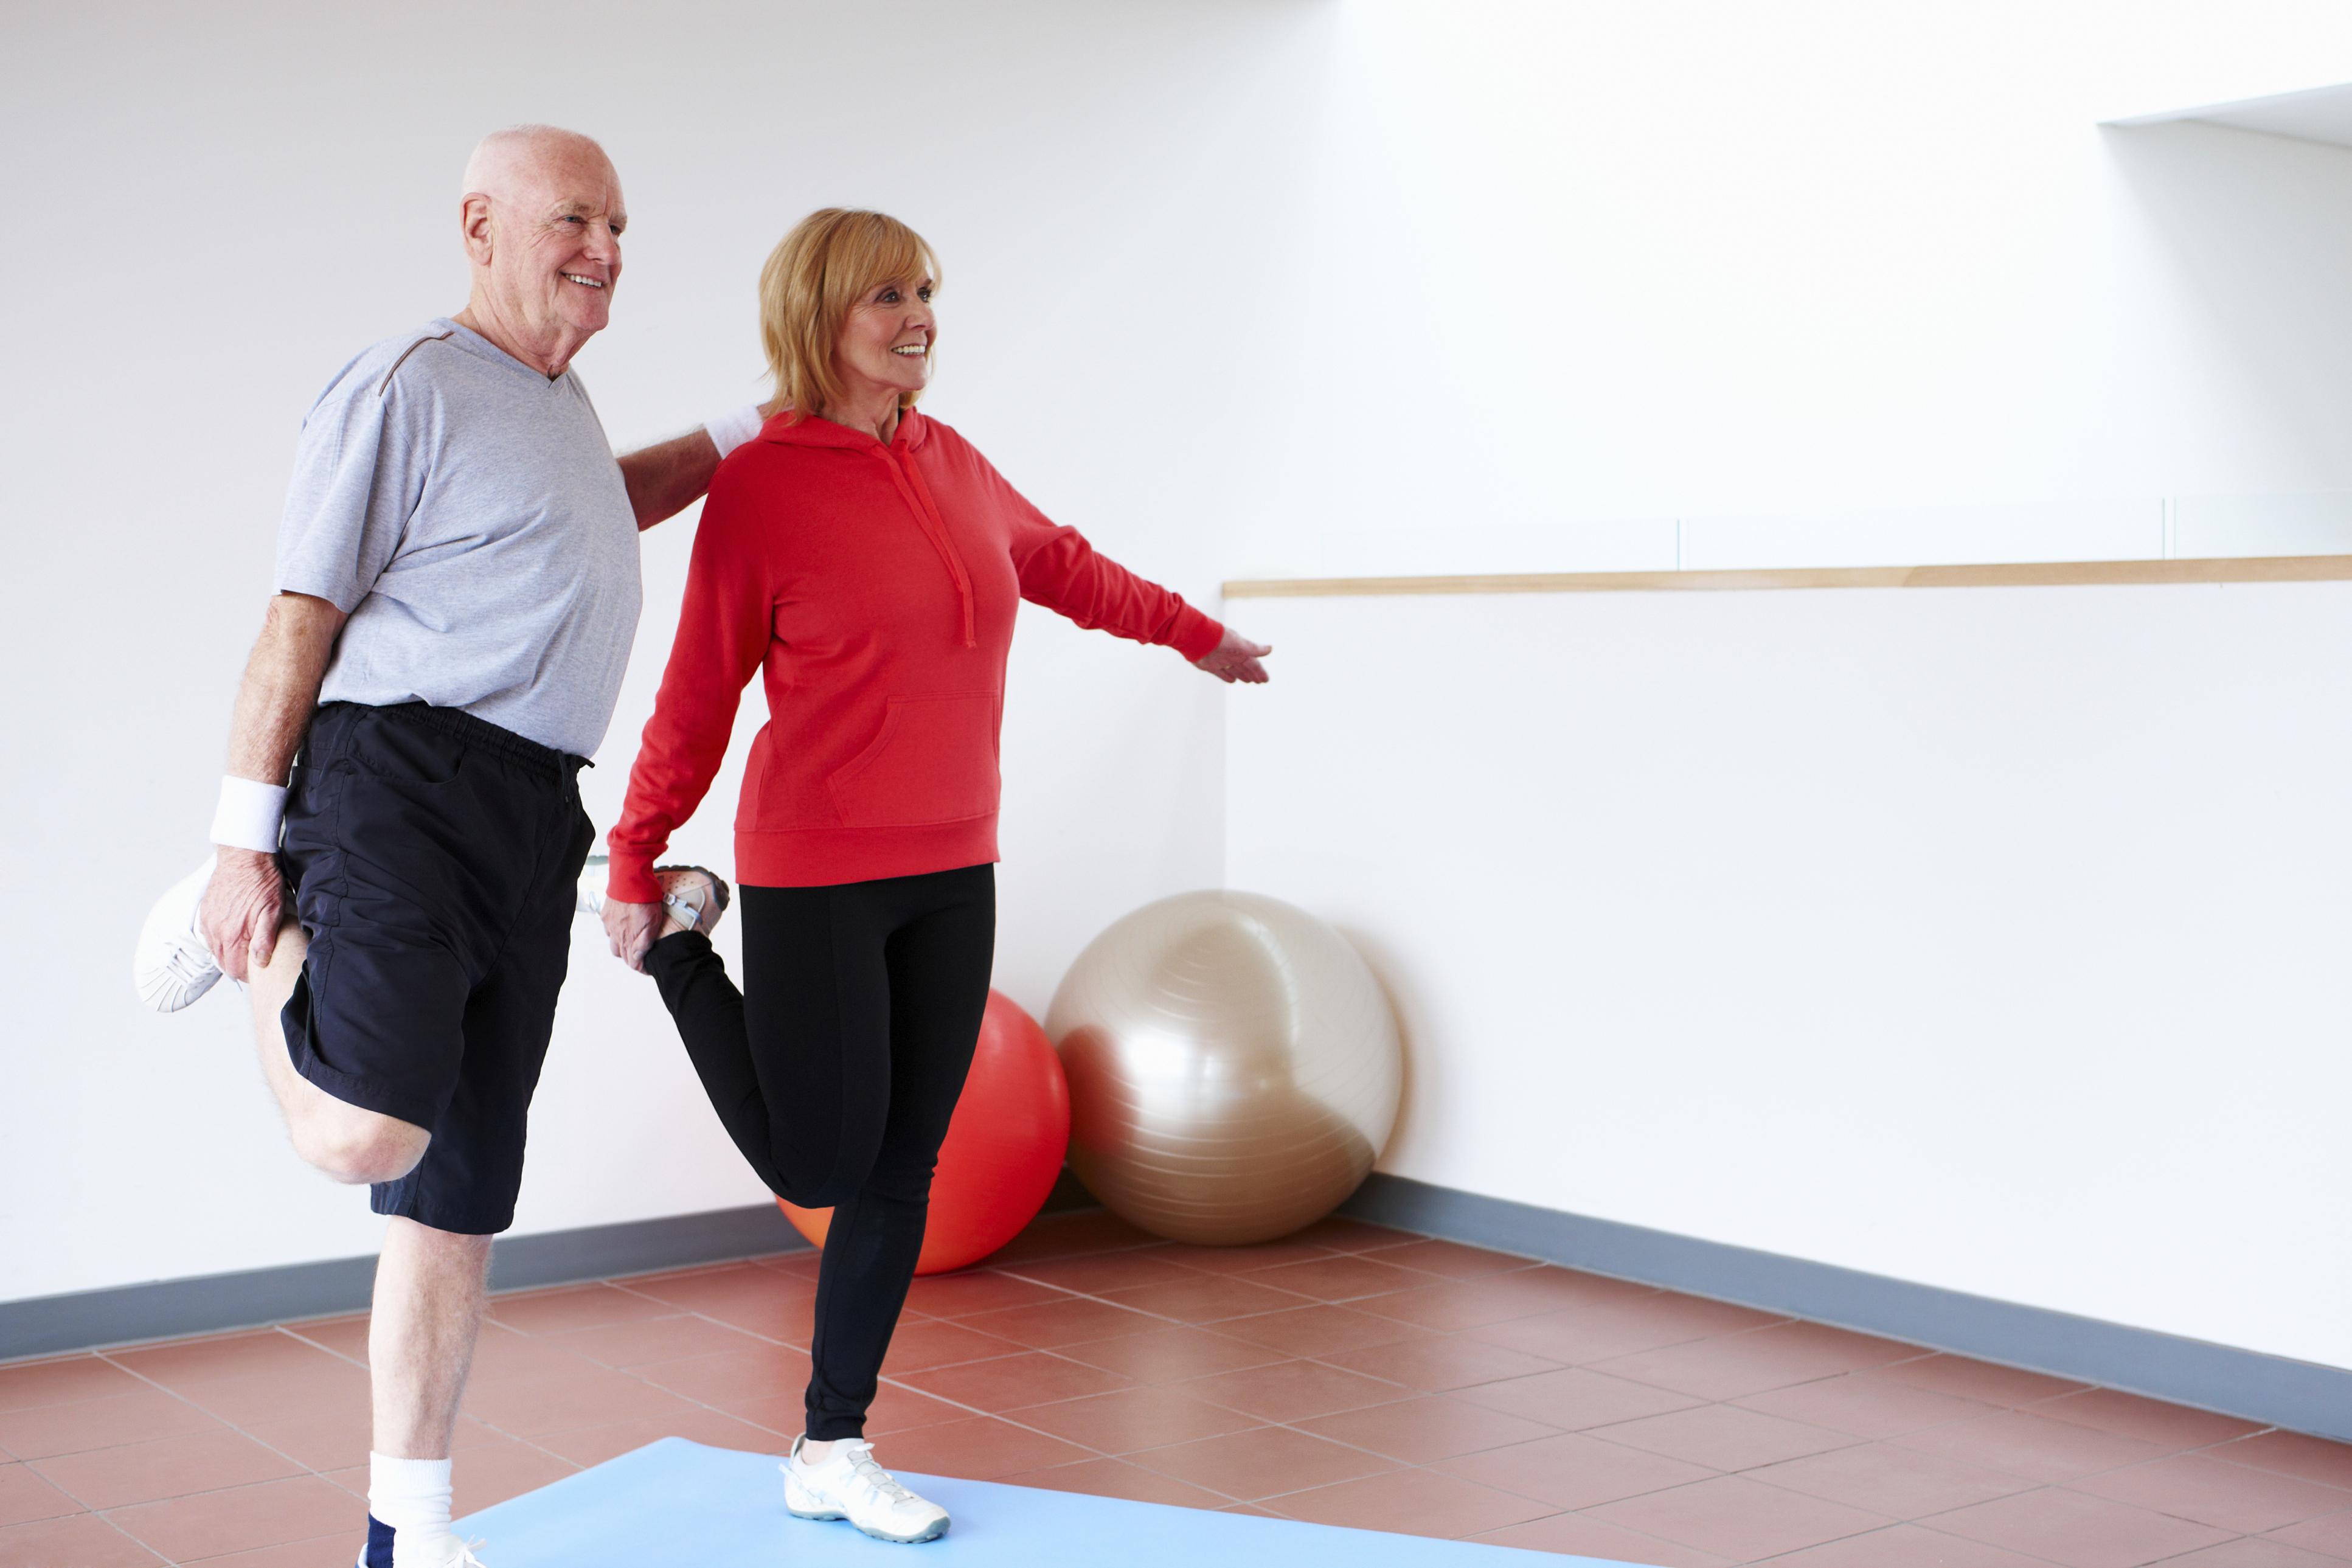 Артроз коленного сустава лечение по бубновскому видео болят все суставы и позвоночник как лечить